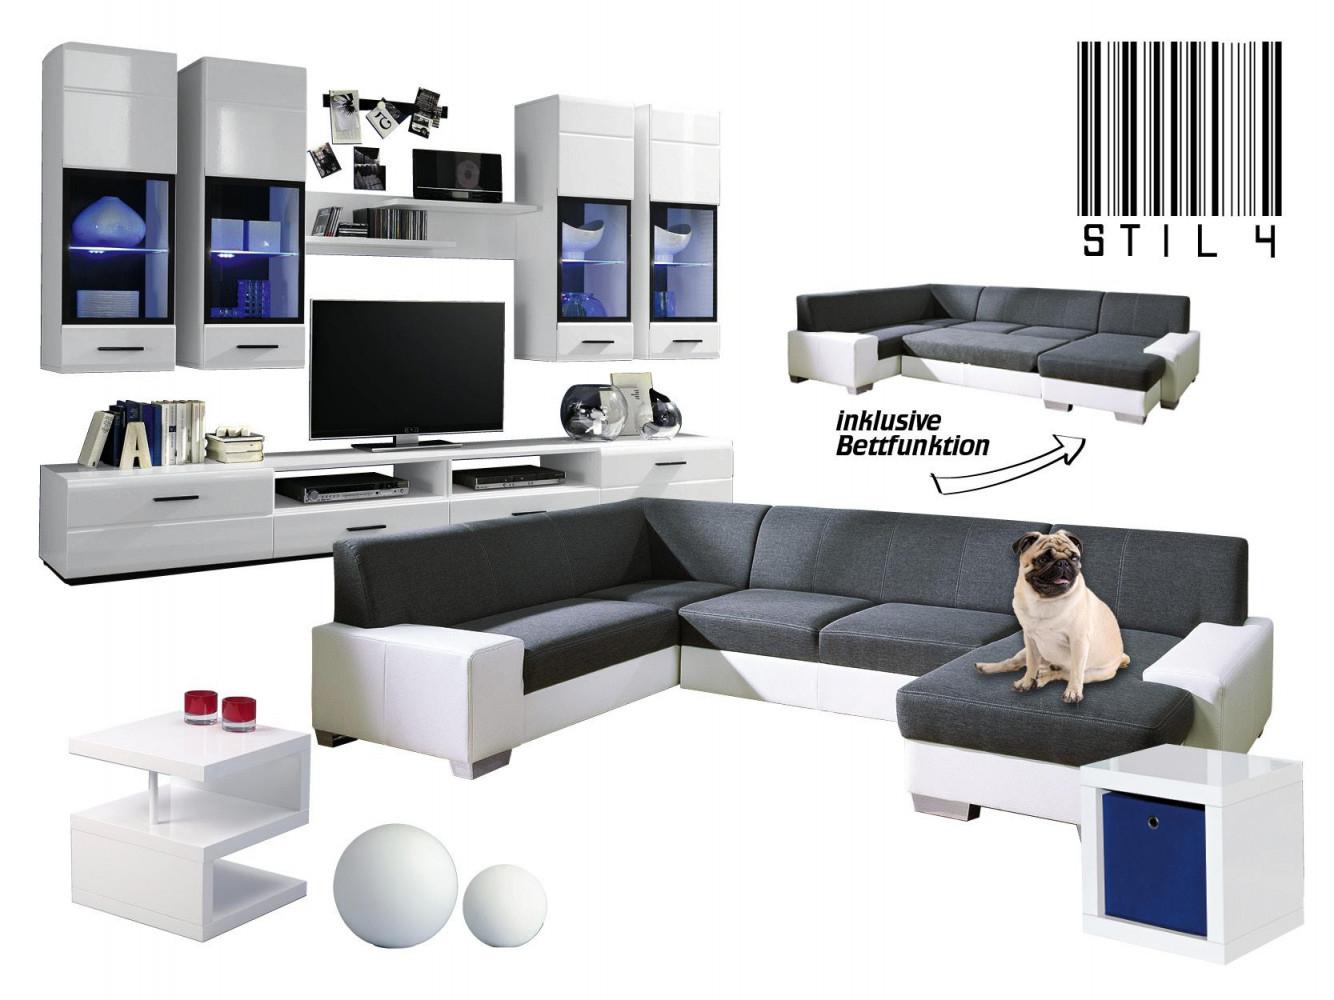 Weißes Wohnzimmer • Bilder  Ideen • Couch von Wohnzimmer Ideen Weiß Bild